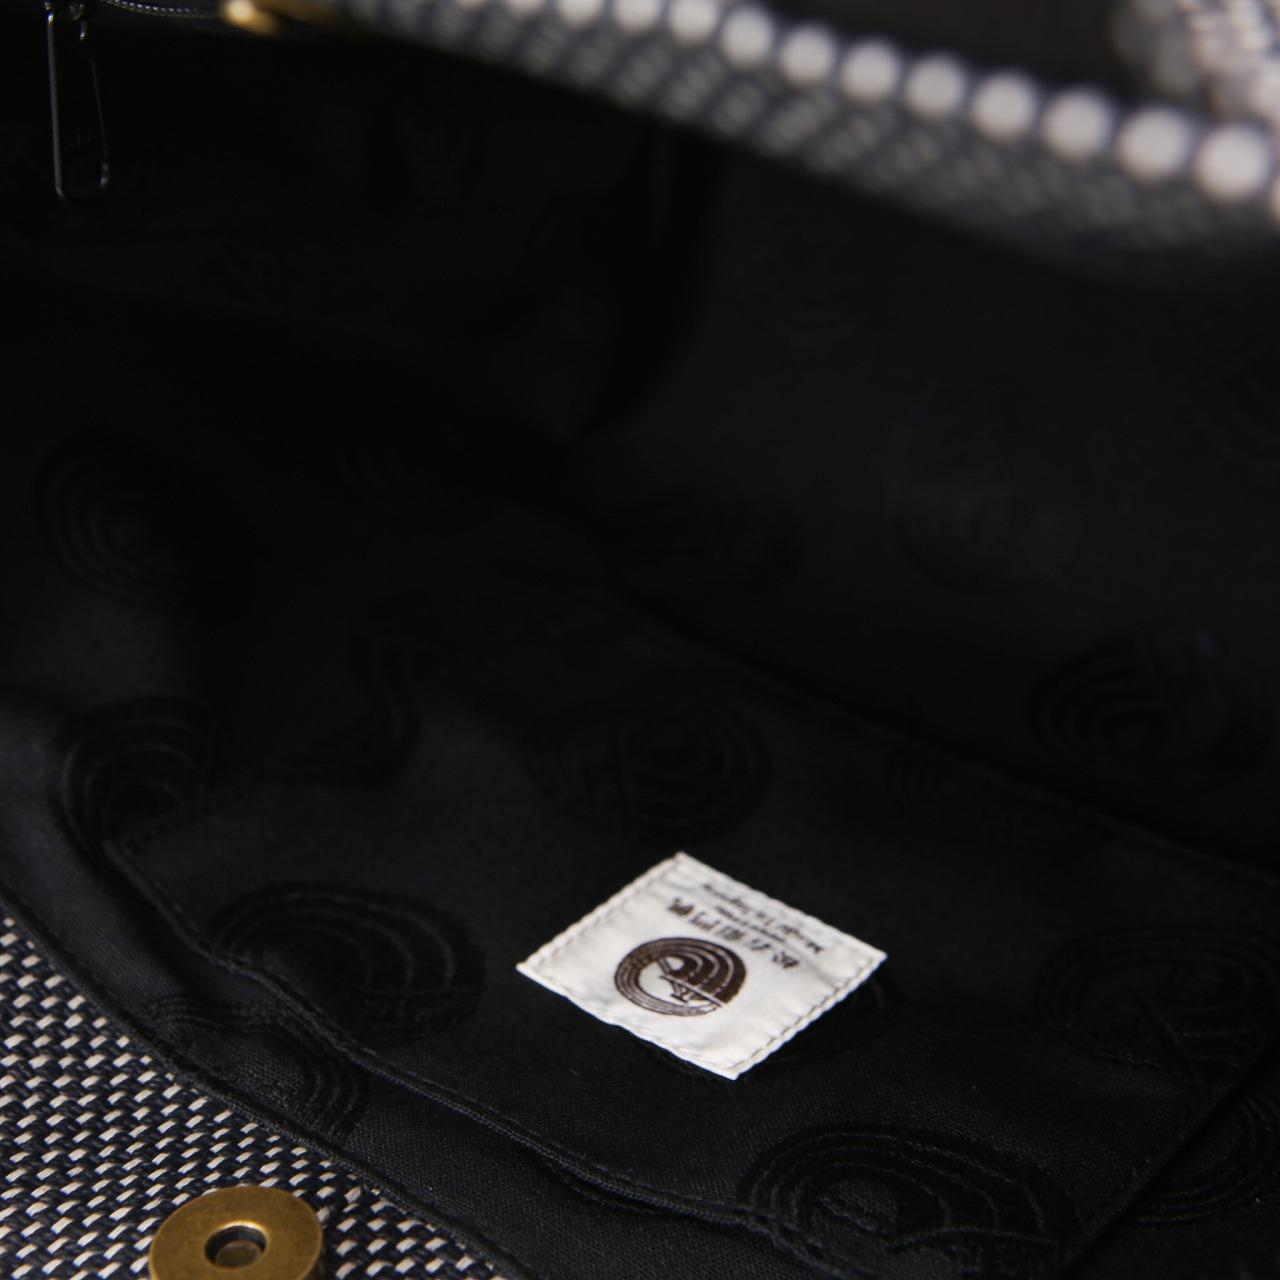 丸底トート PVCバッグ